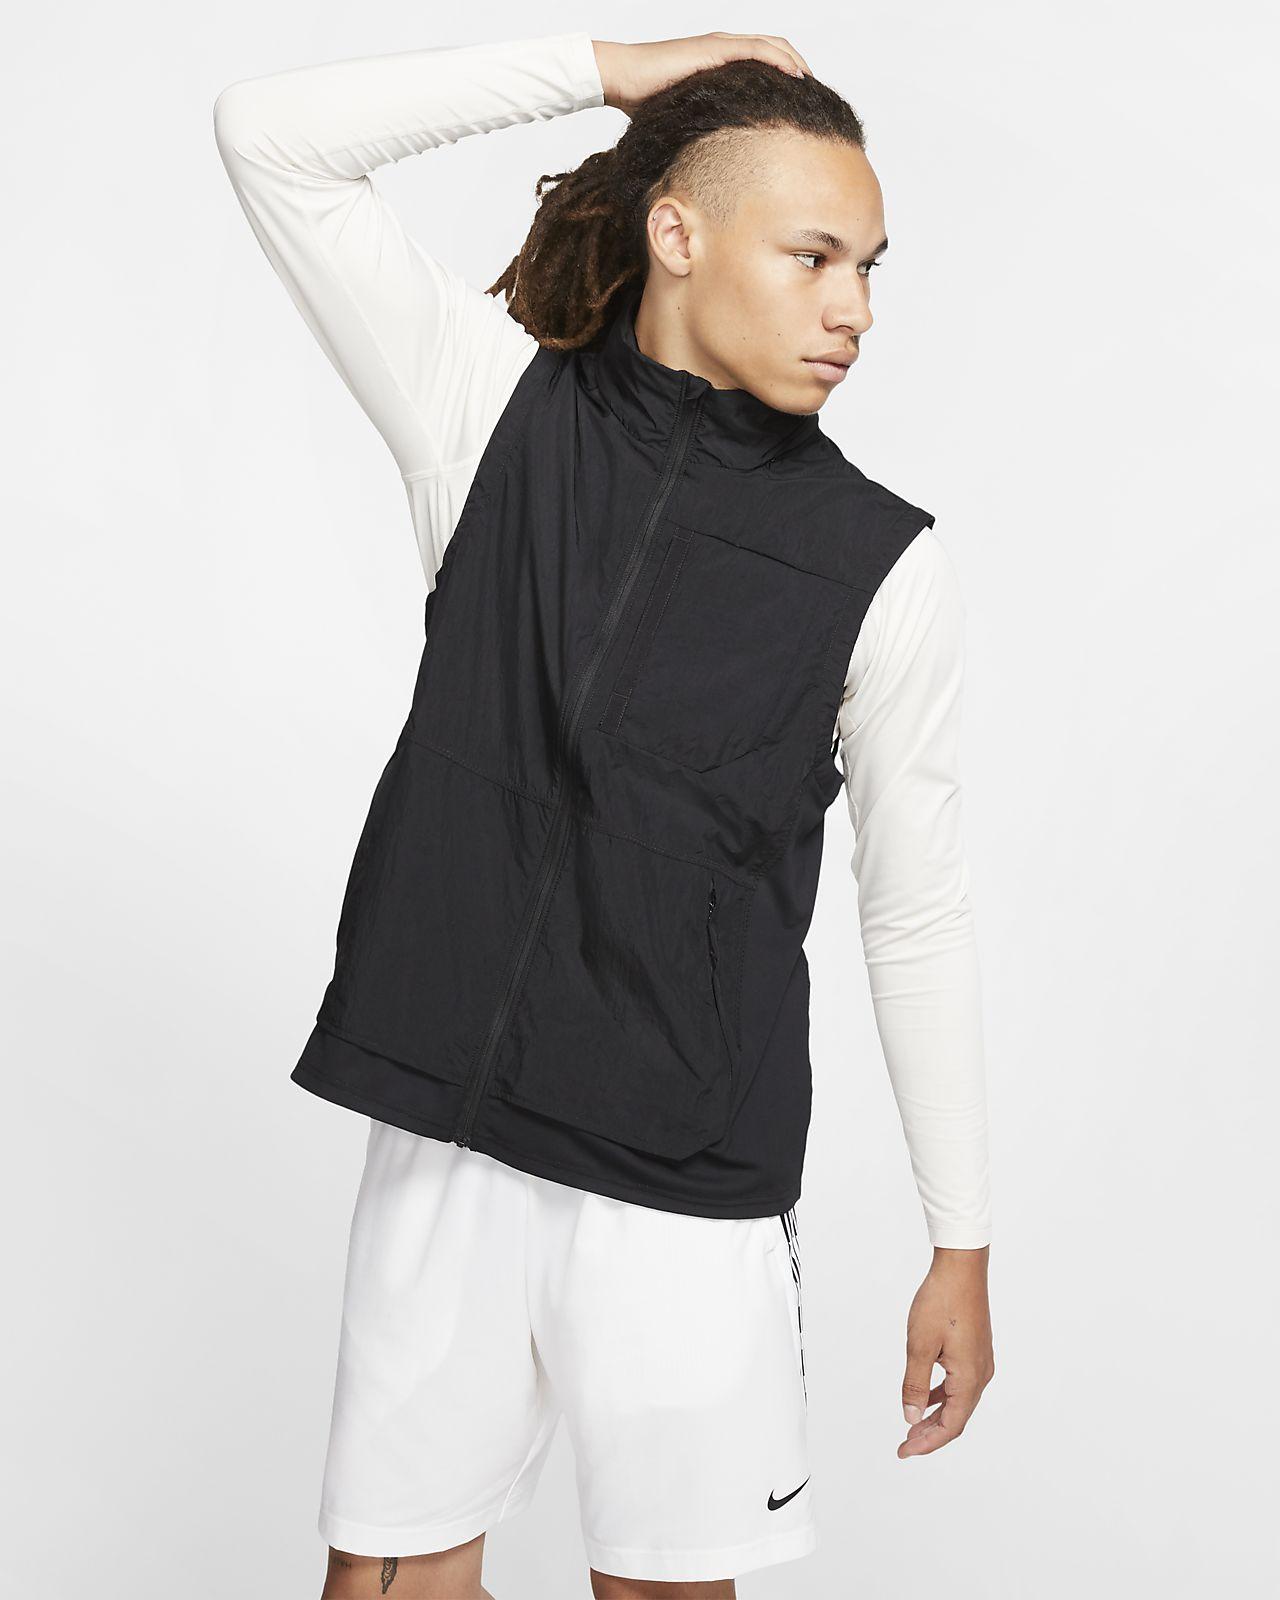 Nike Flex Men's Hooded Training Vest